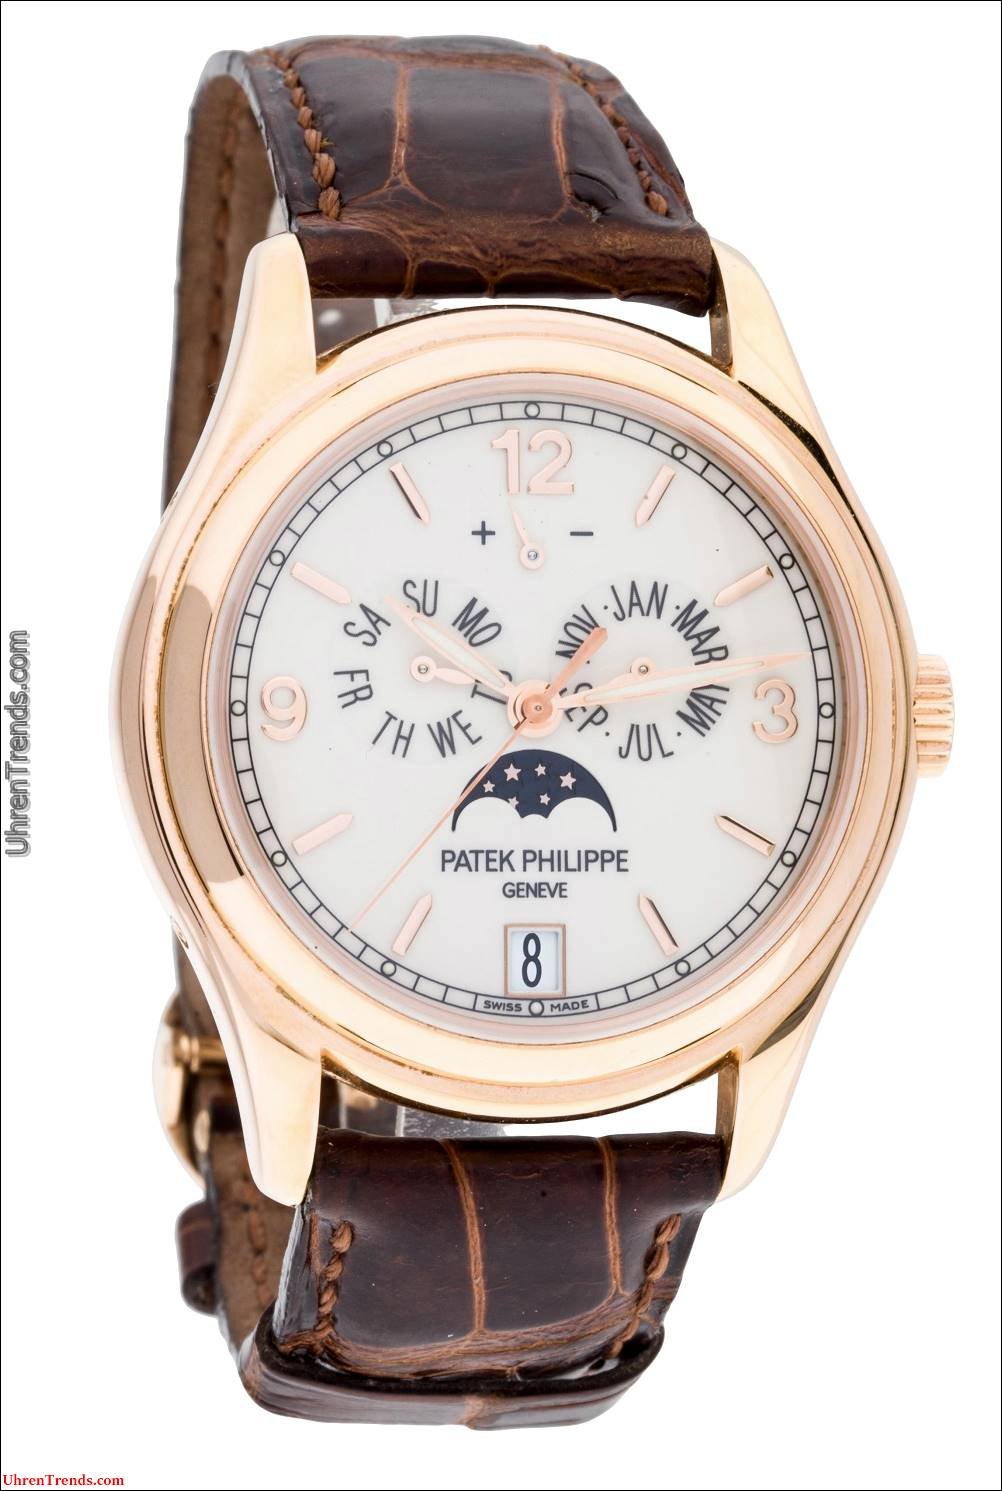 Barnebys ist die Uhren-, Kunst-, Schmuck- u. Luxuxgüter-Auktions-Suchmaschine